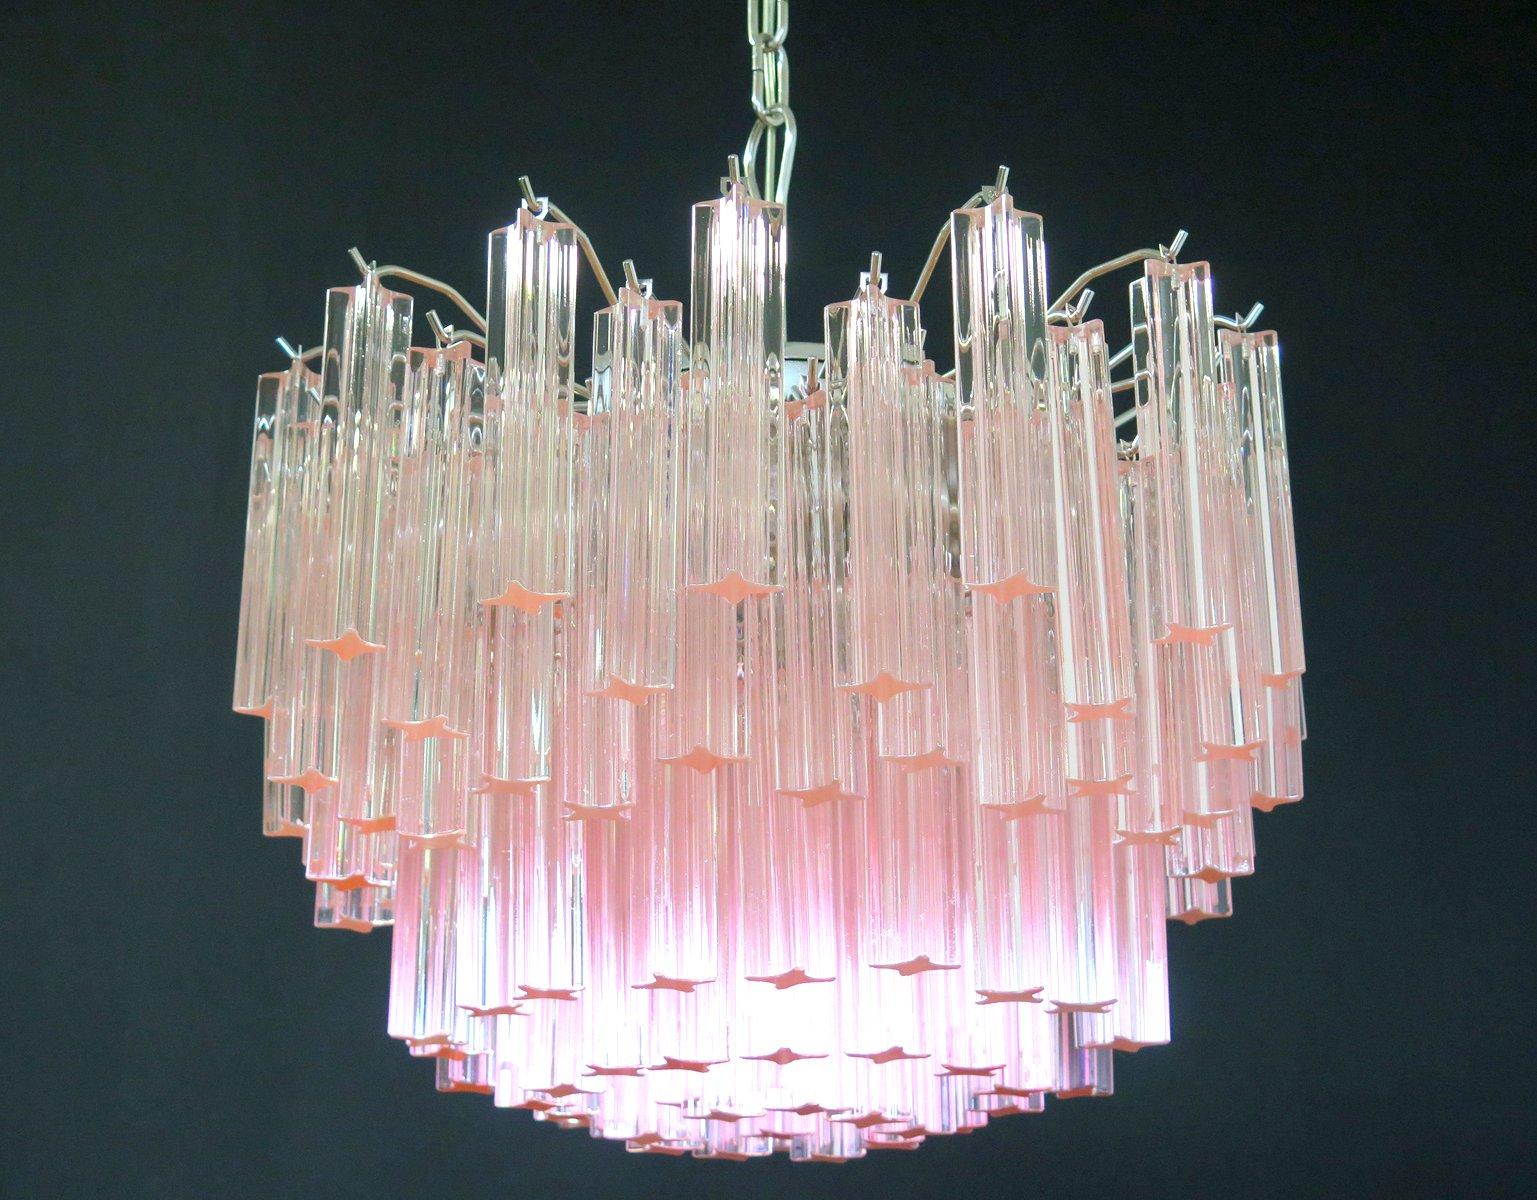 Lampadario di murano incantevole lampadario murano usati in